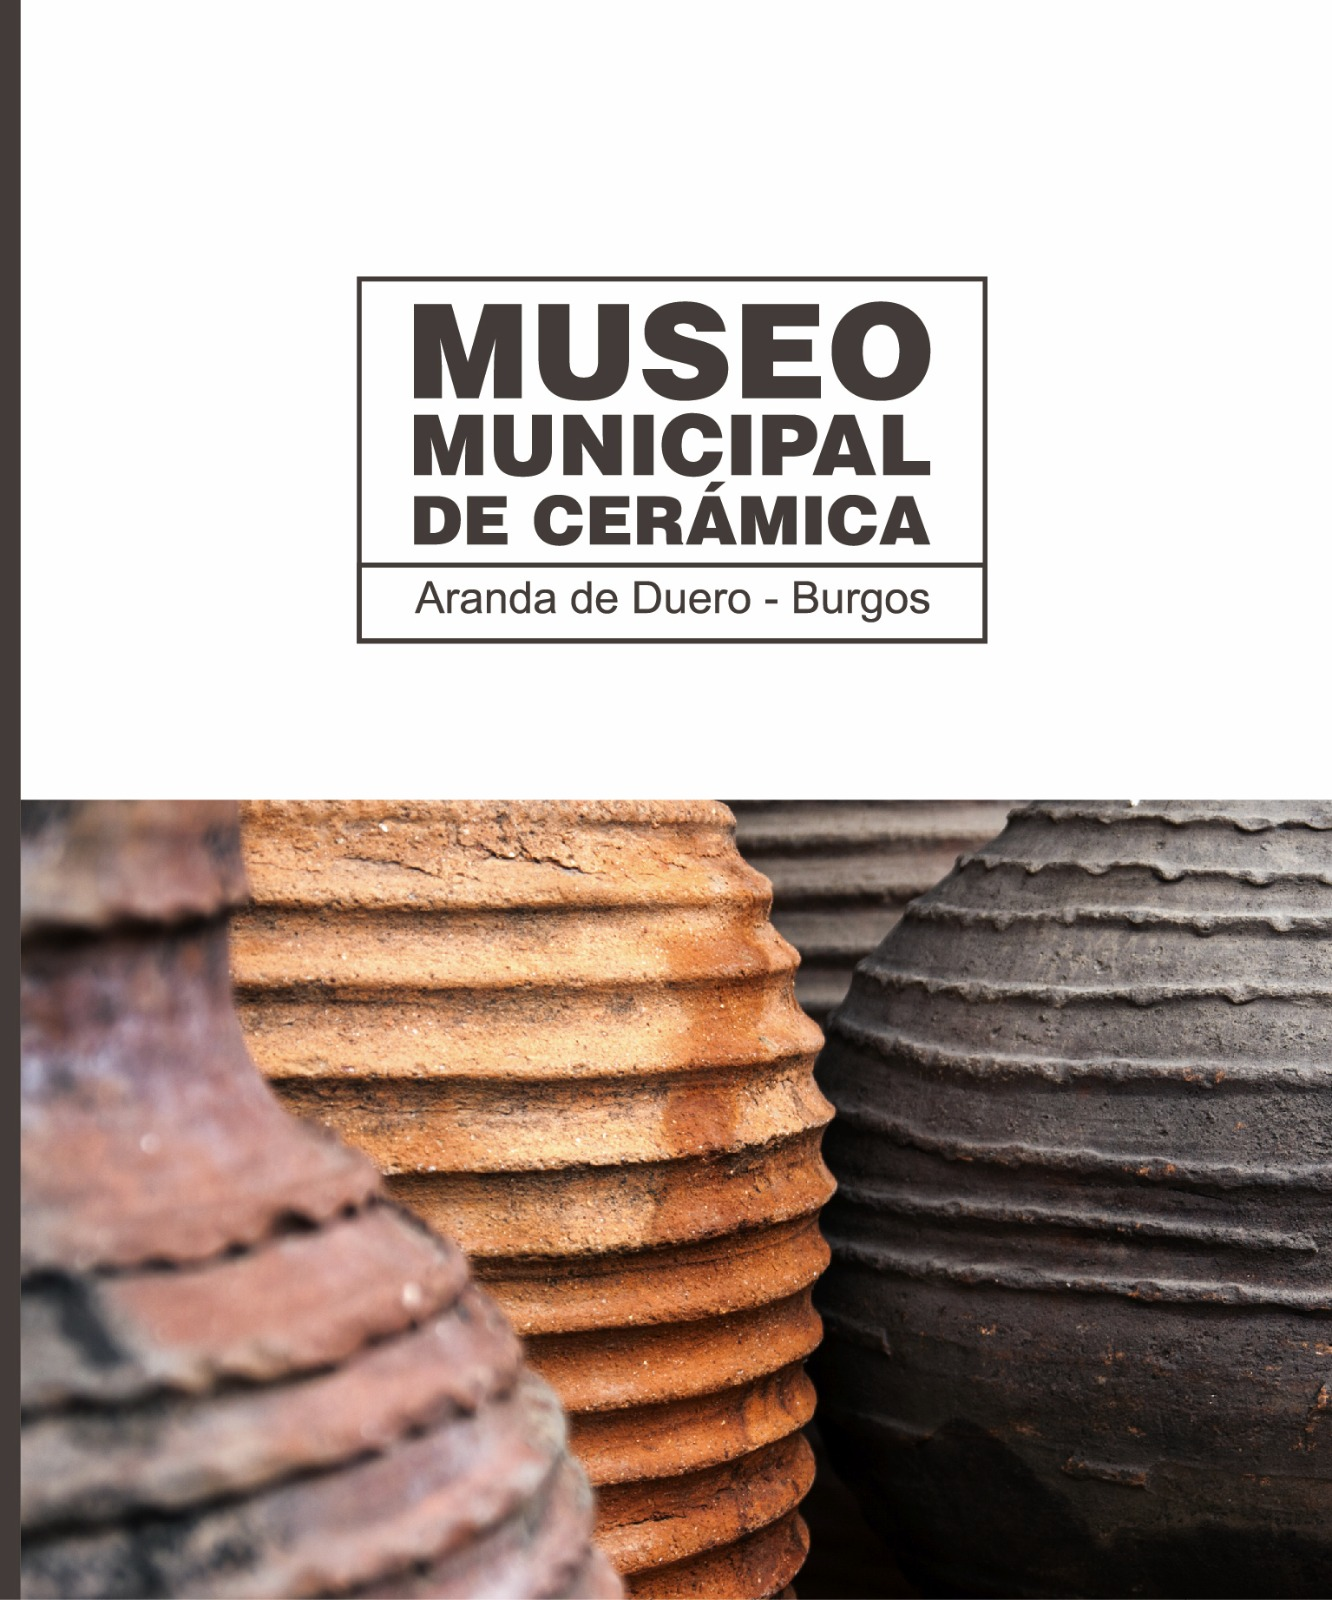 Museo de cer mica de aranda de duero 2016 for Ceramicas burgos